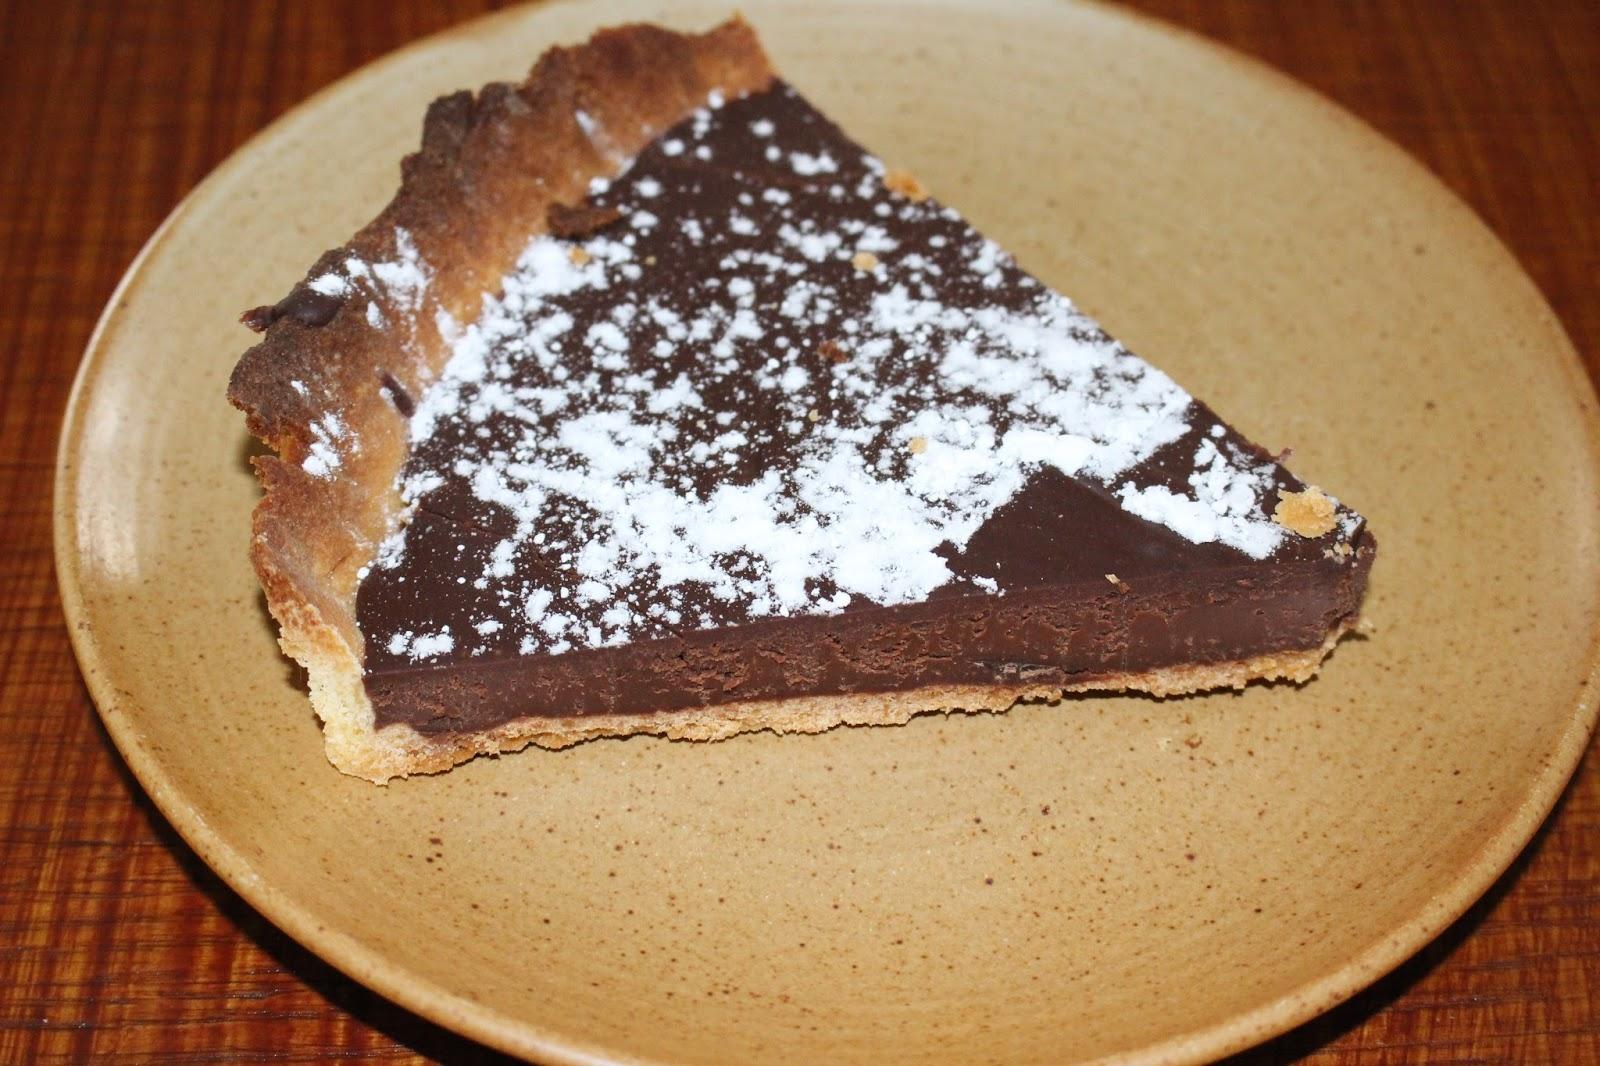 D lices d 39 une novice tarte au chocolat - Comment decorer une tarte au chocolat ...